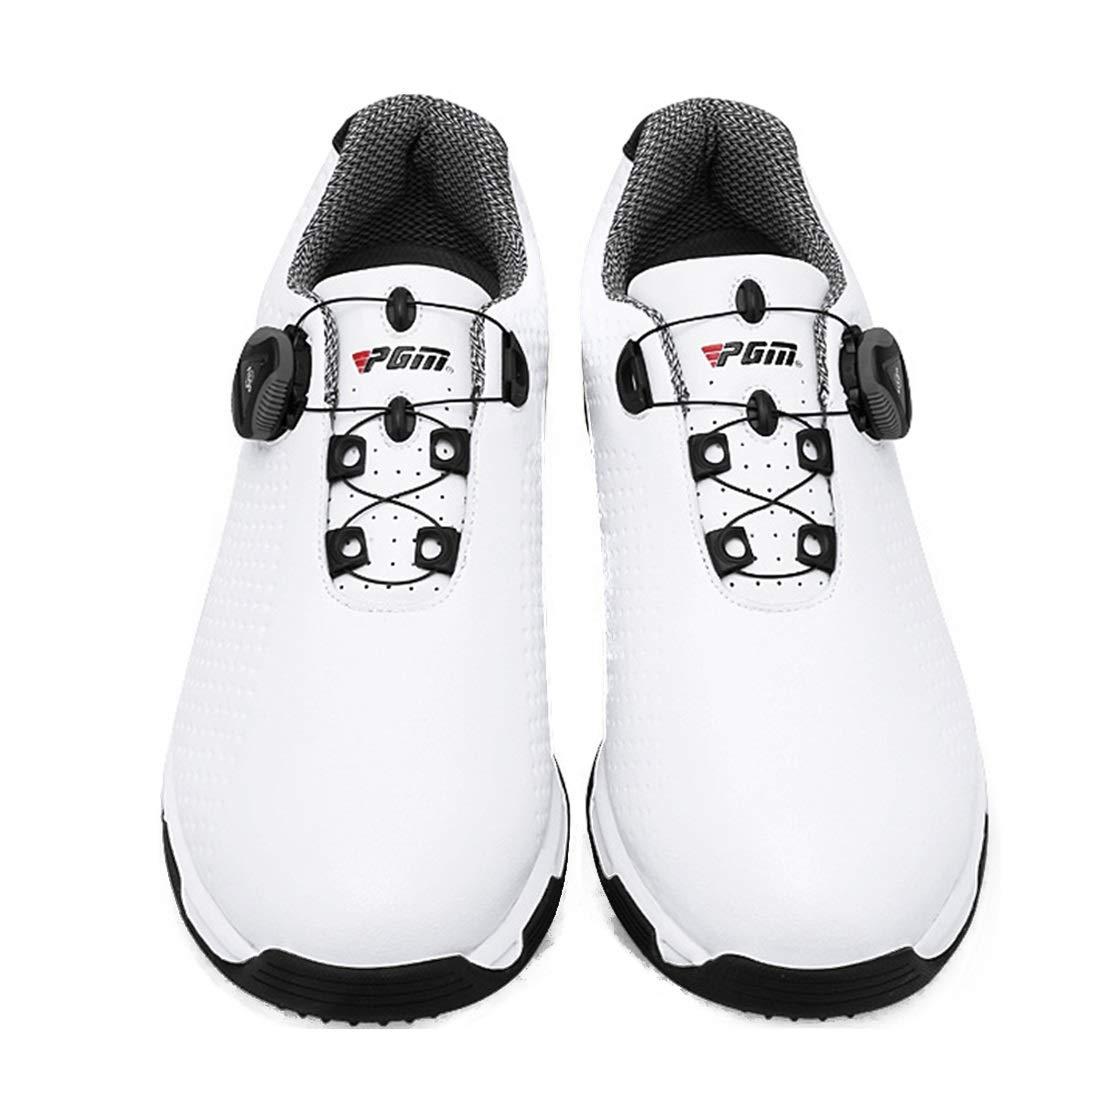 HappyPlatform Golfschuhe Spikes weniger Schuhe Wasserdichte Anti-Rutsch-Drehknöpfe Abriebfestigkeit multifunktional Für Weiß, den Außenbereich (Farbe : Weiß, Für Größe : 39) Weiß 8ce045